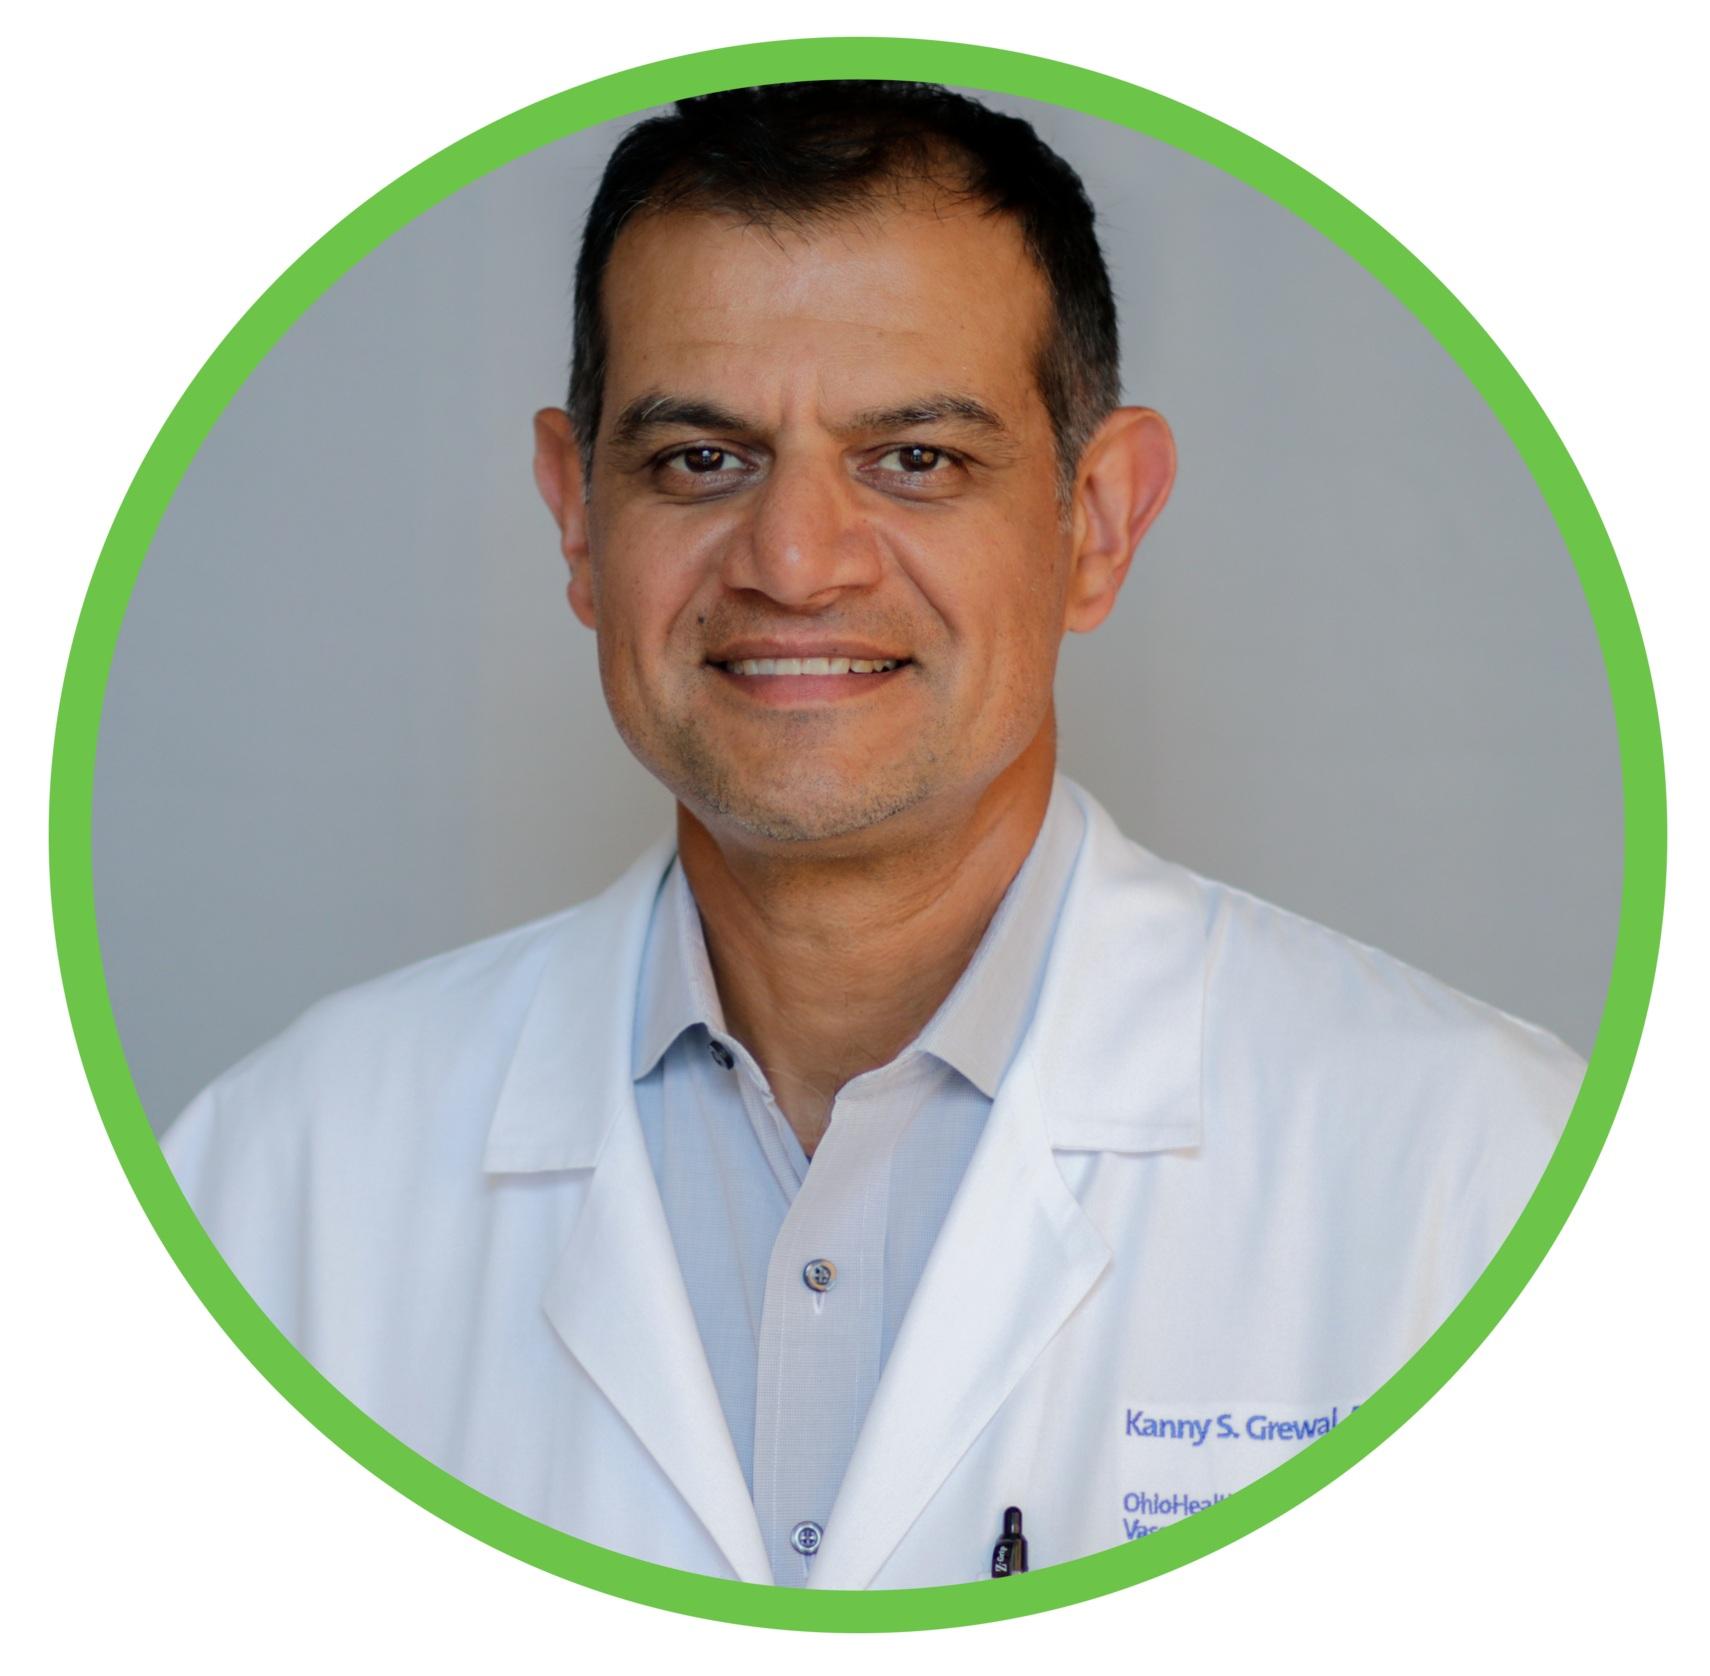 Dr. Kanny Grewal